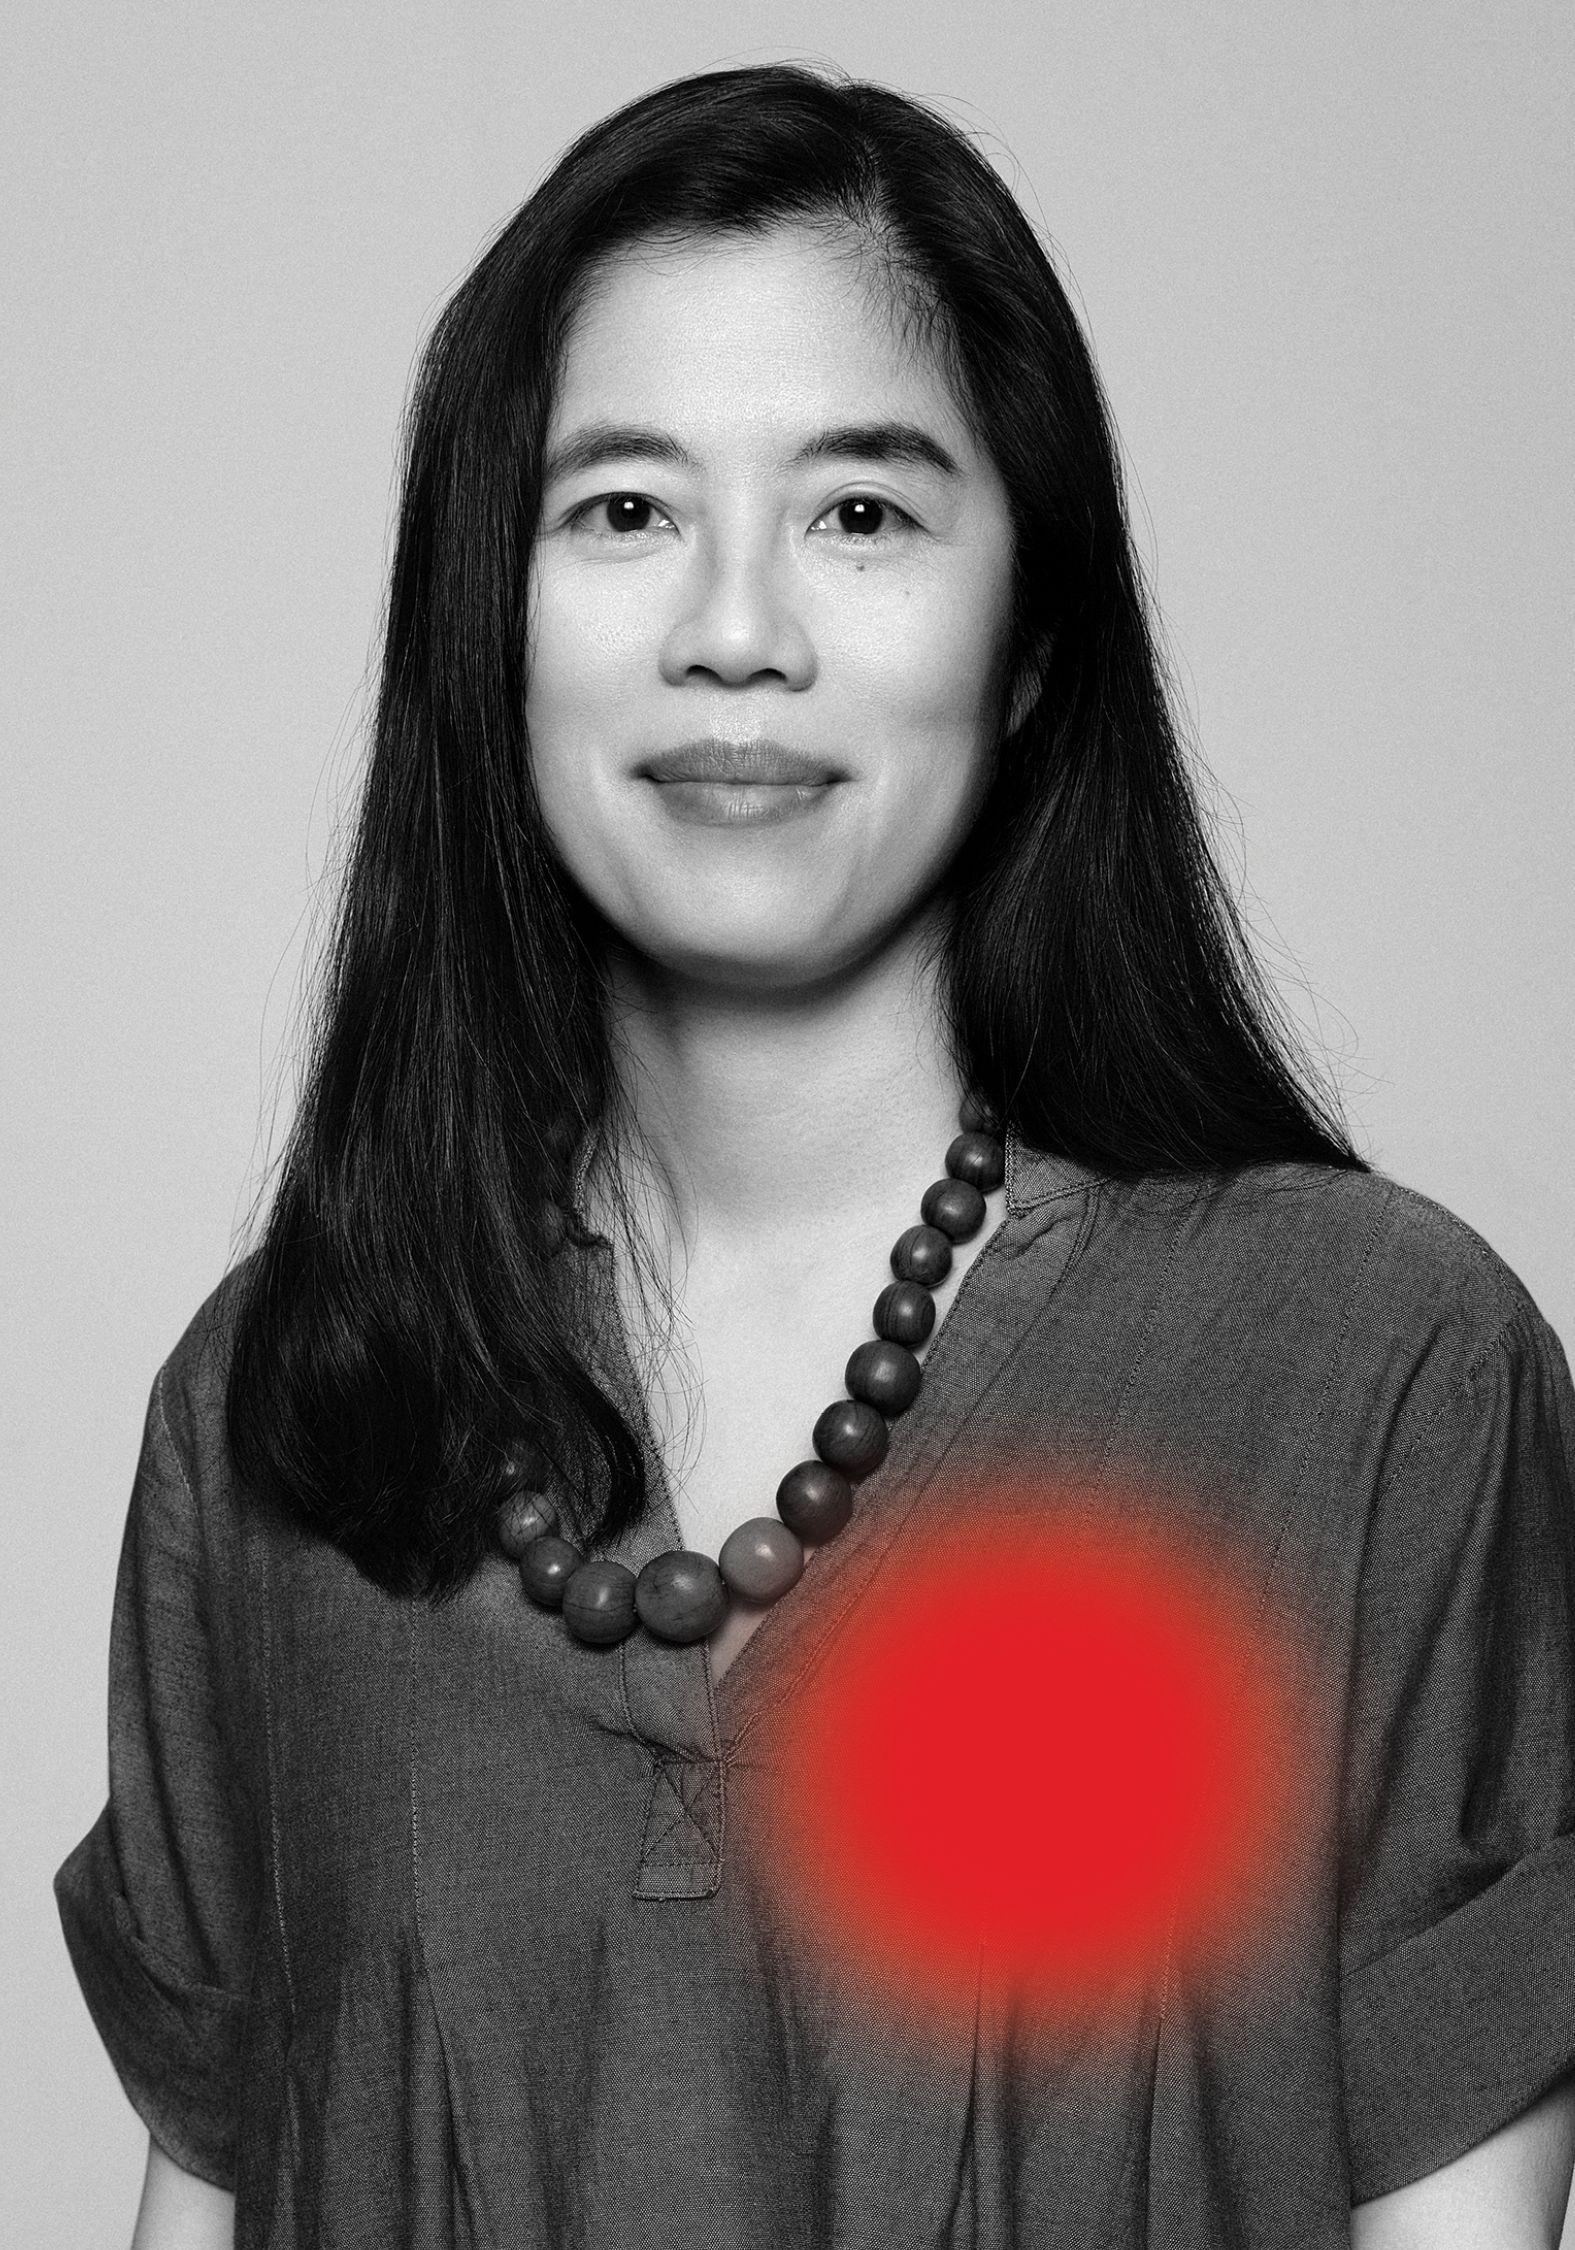 Portrait en noir et blanc de Karen Tam portant une chemise grise ample.